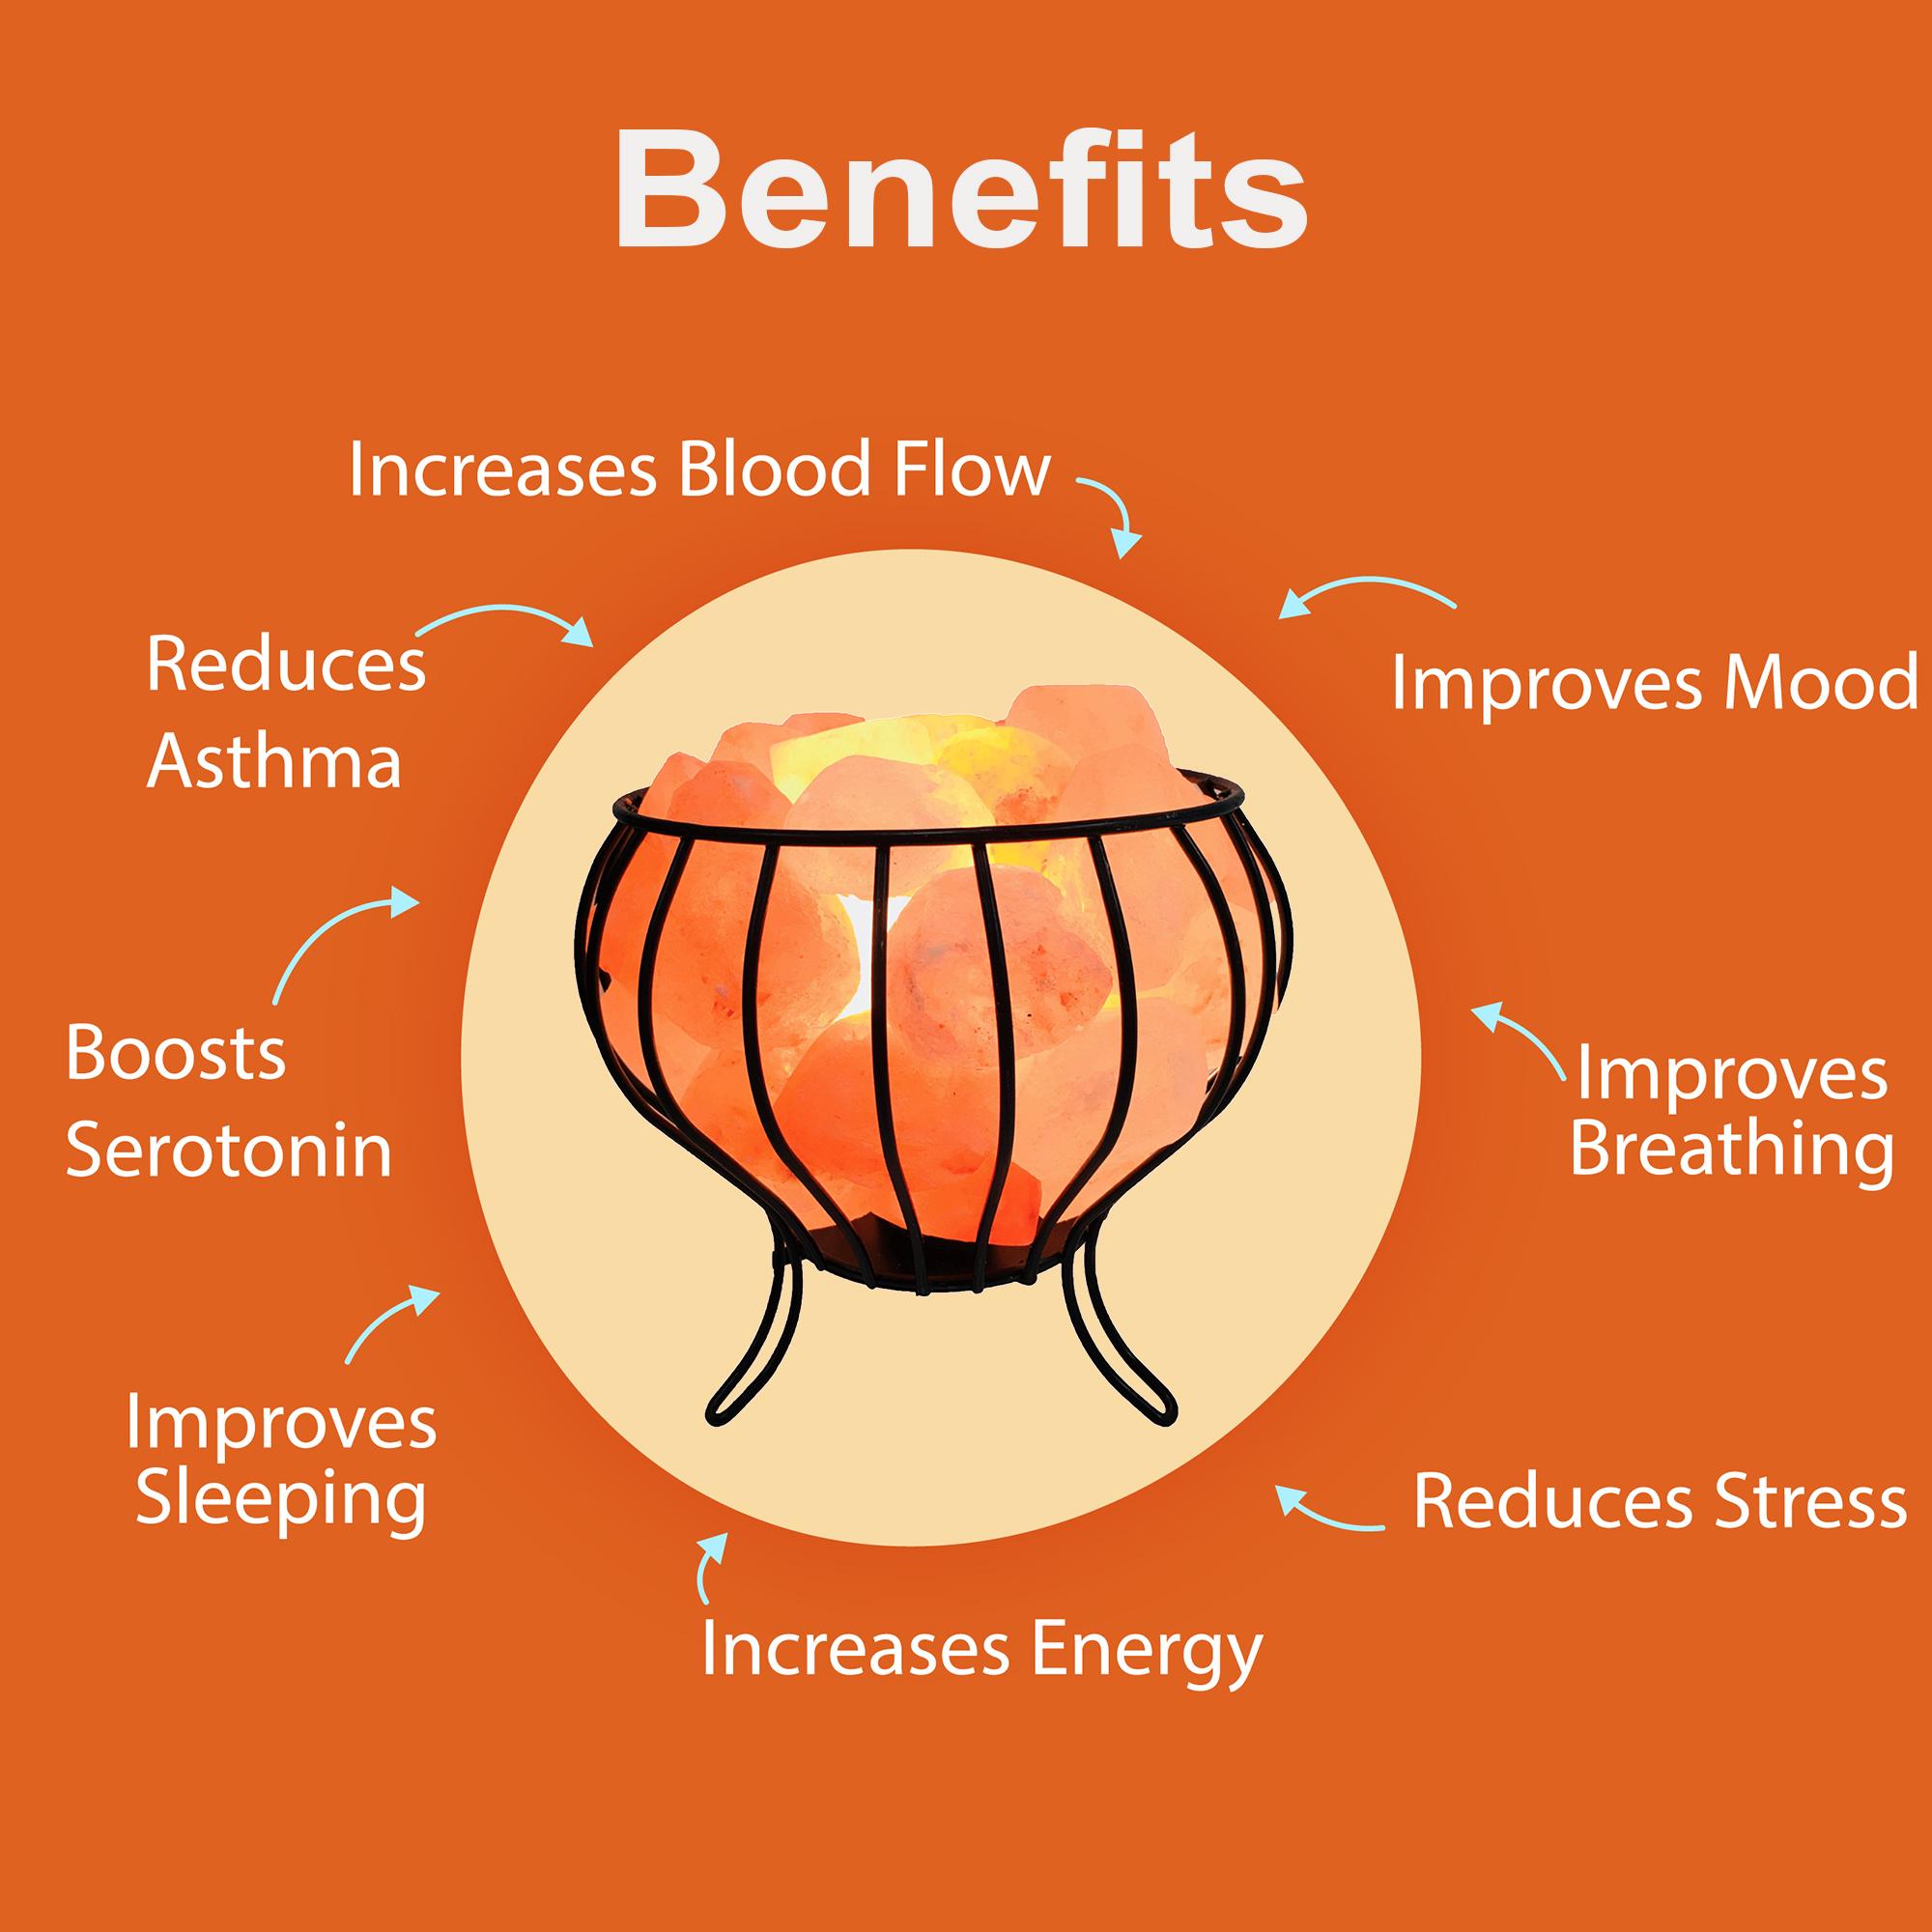 7 benefits 63 - Saltpur Himalayan Salts